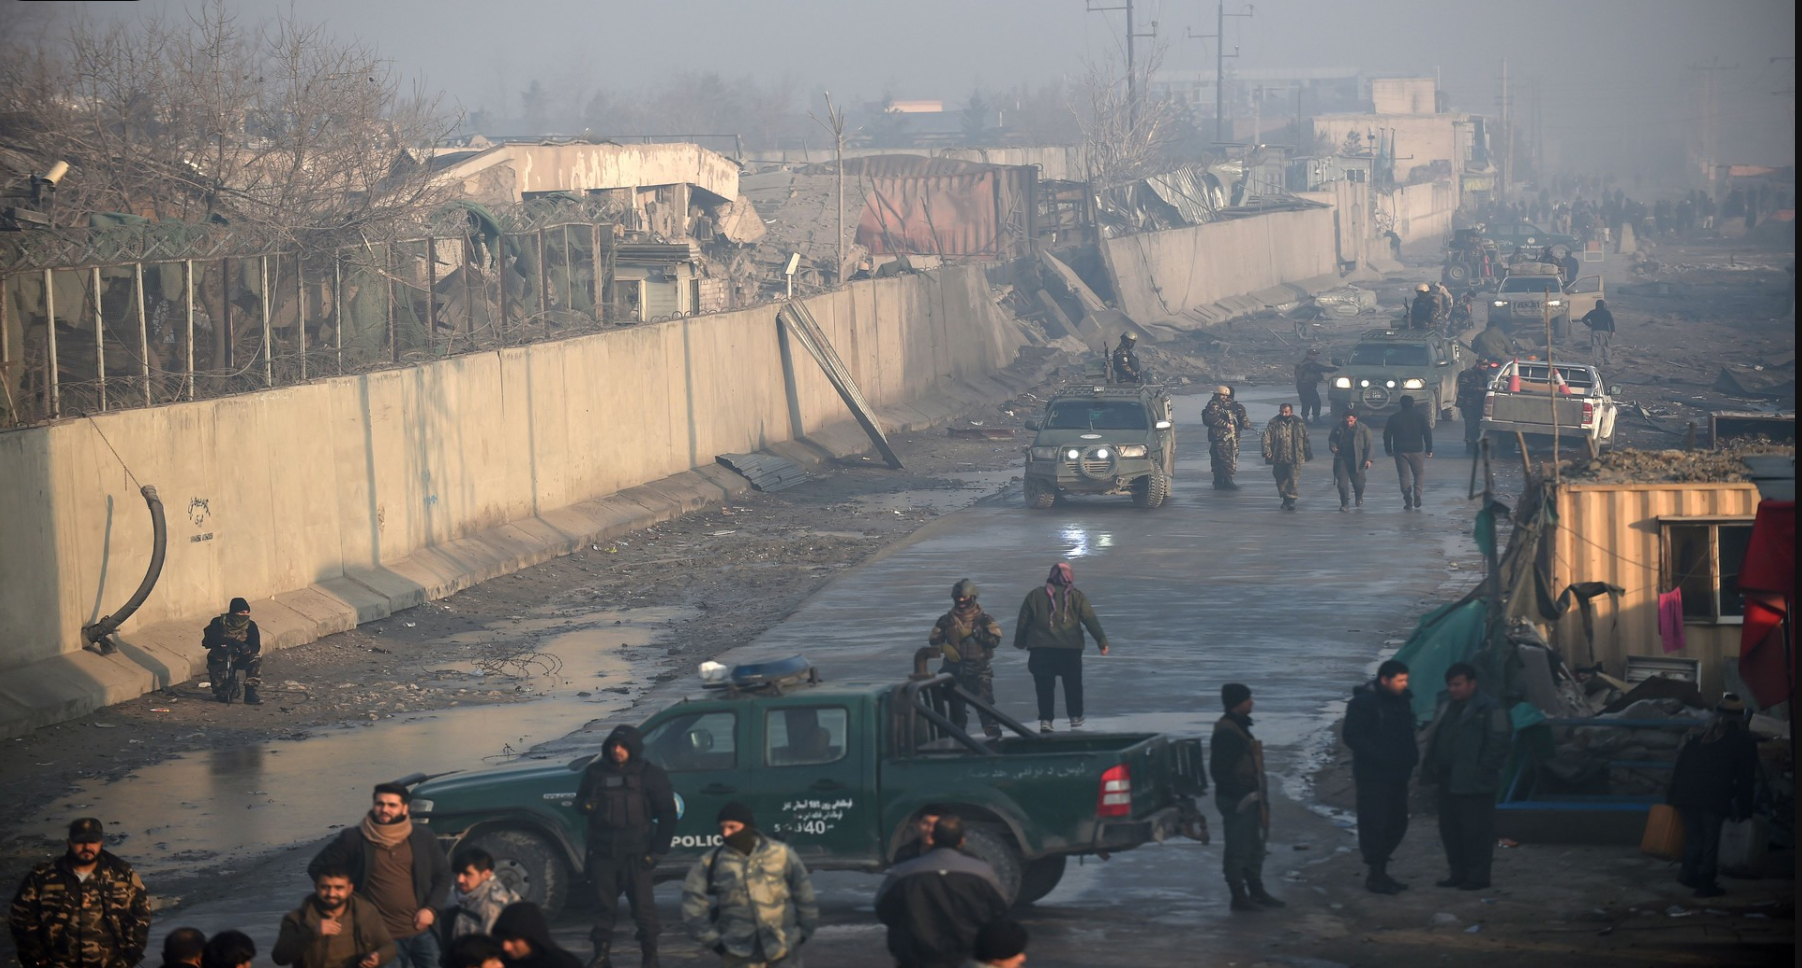 حمله طالبان به پایگاه نظامیان در ولایت هلمند، یکروز قبل از ازسرگیری نشست قطر میان نمایندگان طالبان و آمریکا صورت گرفت.